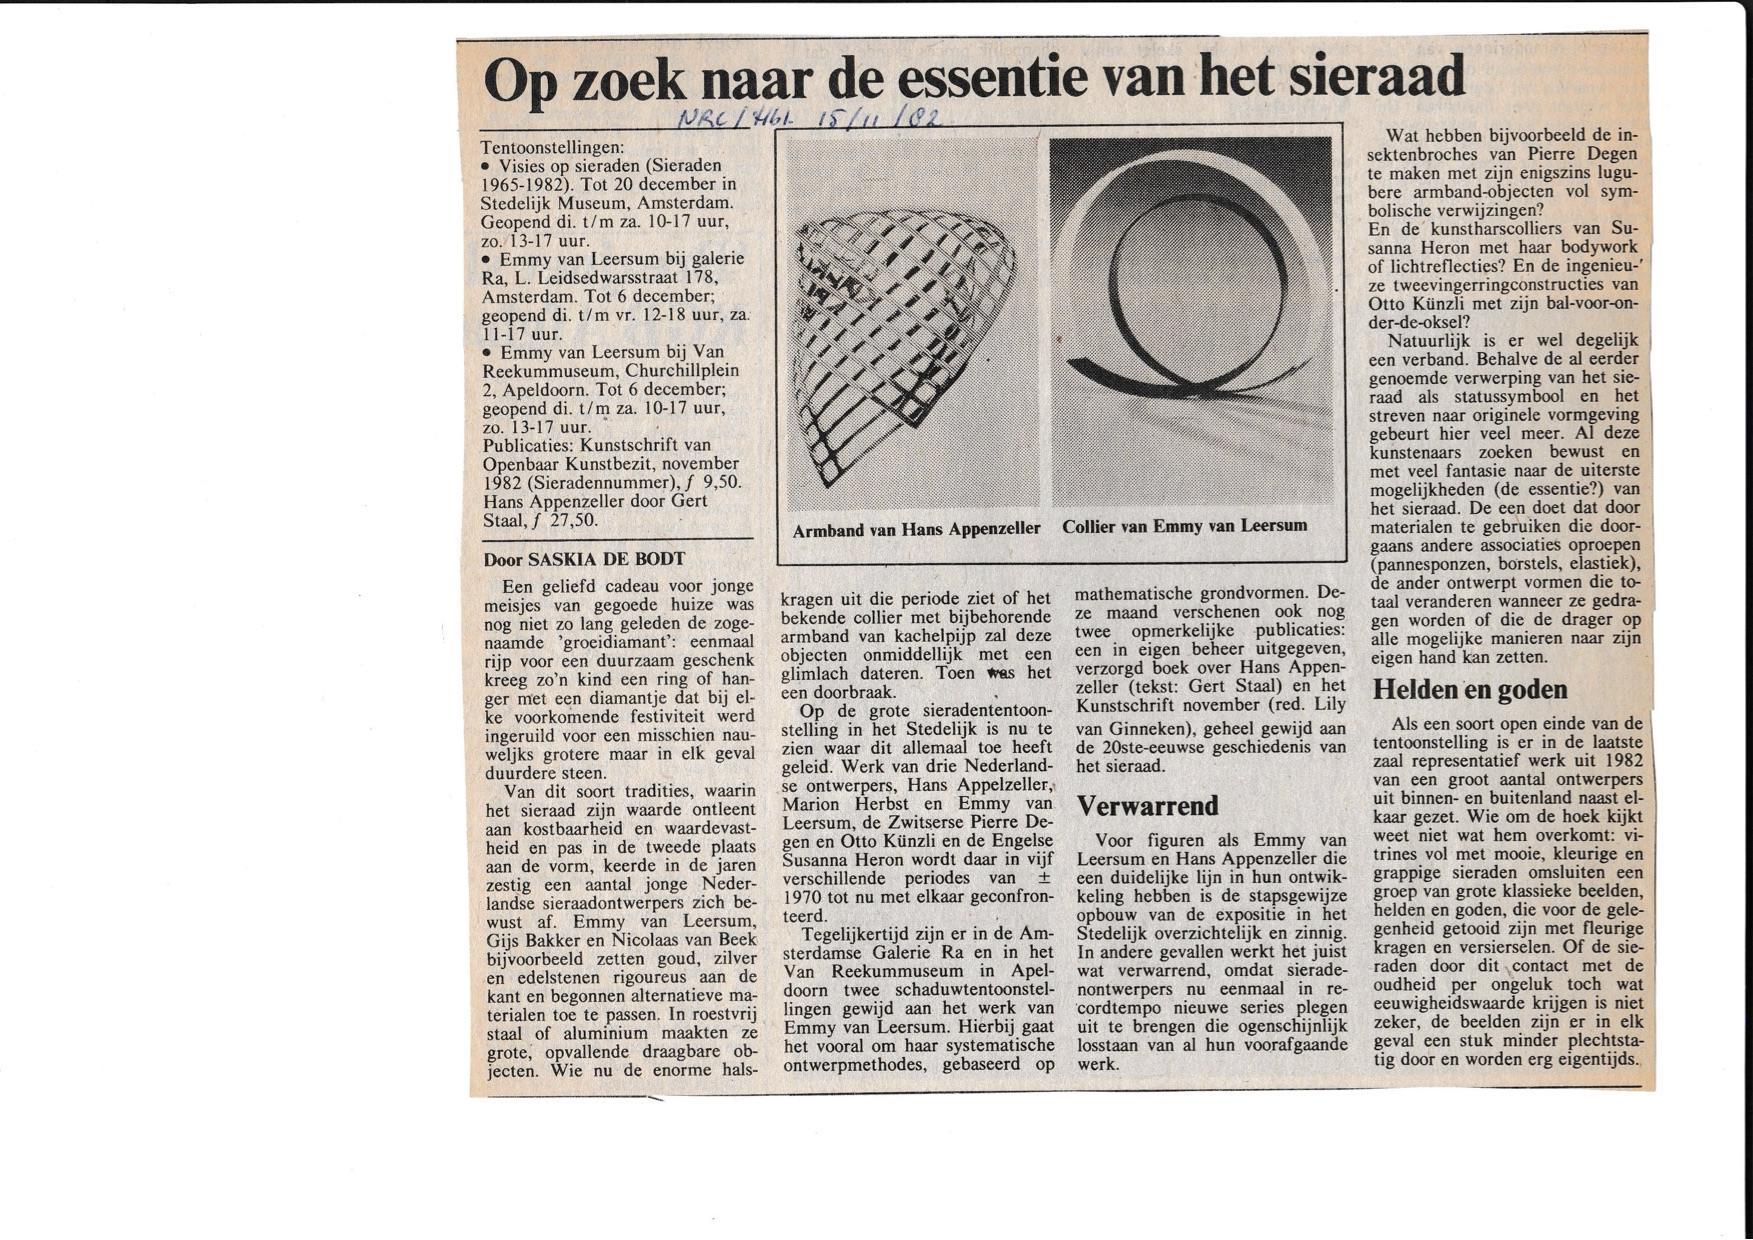 Visies op sieraden, 1982